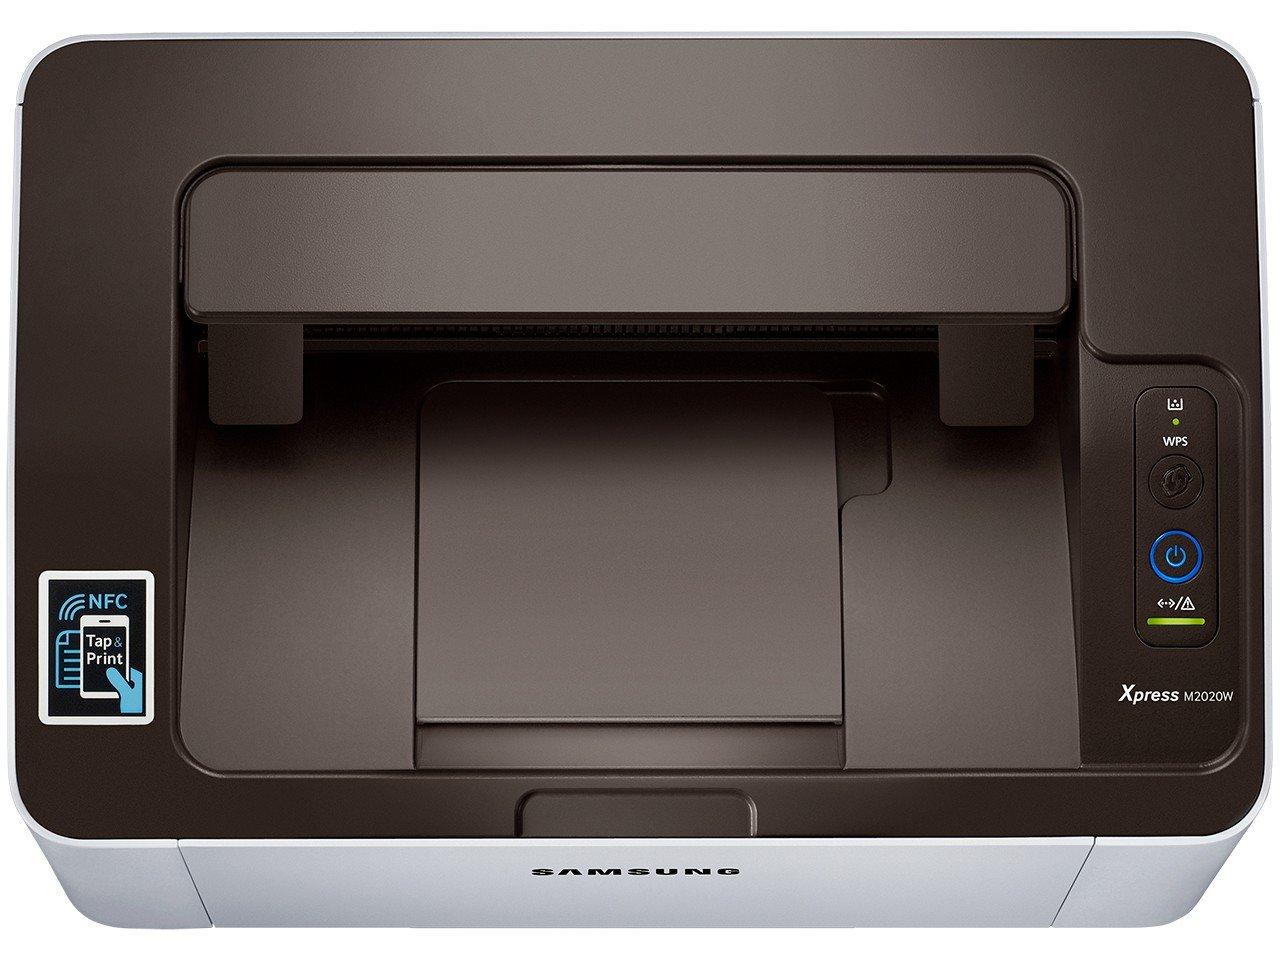 Foto 5 - Impressora Samsung Xpress SL-M2020W Wi-Fi - Monocromática USB NFC